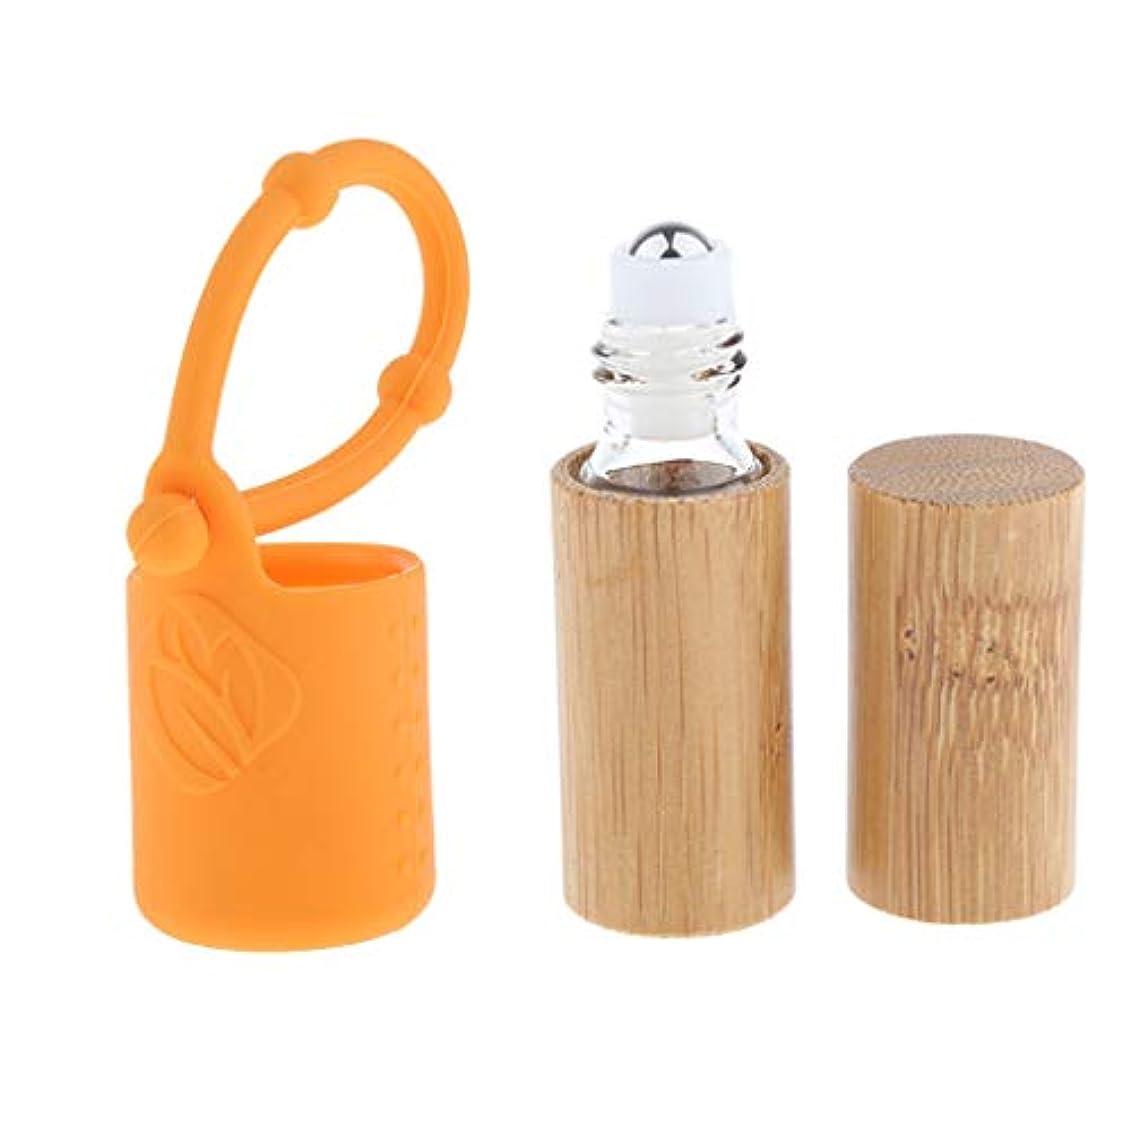 抑制する観点展示会空のエッセンシャルオイル 精油瓶 香水瓶 竹ボトル 詰め替え カバースリーブ 吊り掛け